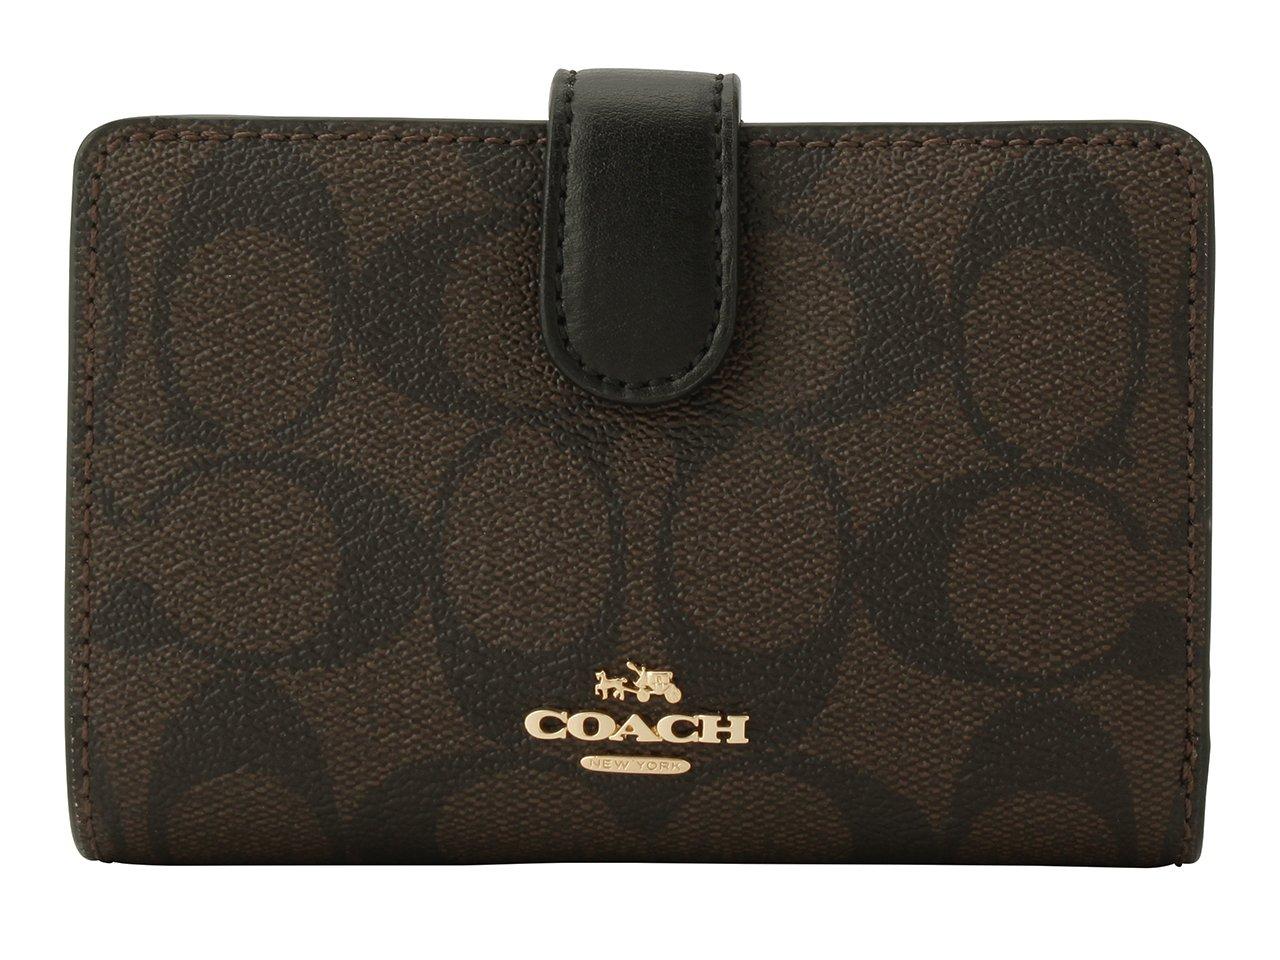 (コーチ) COACH 財布 二つ折り シグネチャー MEDIUM CORNER ZIP WALLET F23553 アウトレット [並行輸入品] B076HKG888 ブラウン/ブラック ブラウン/ブラック